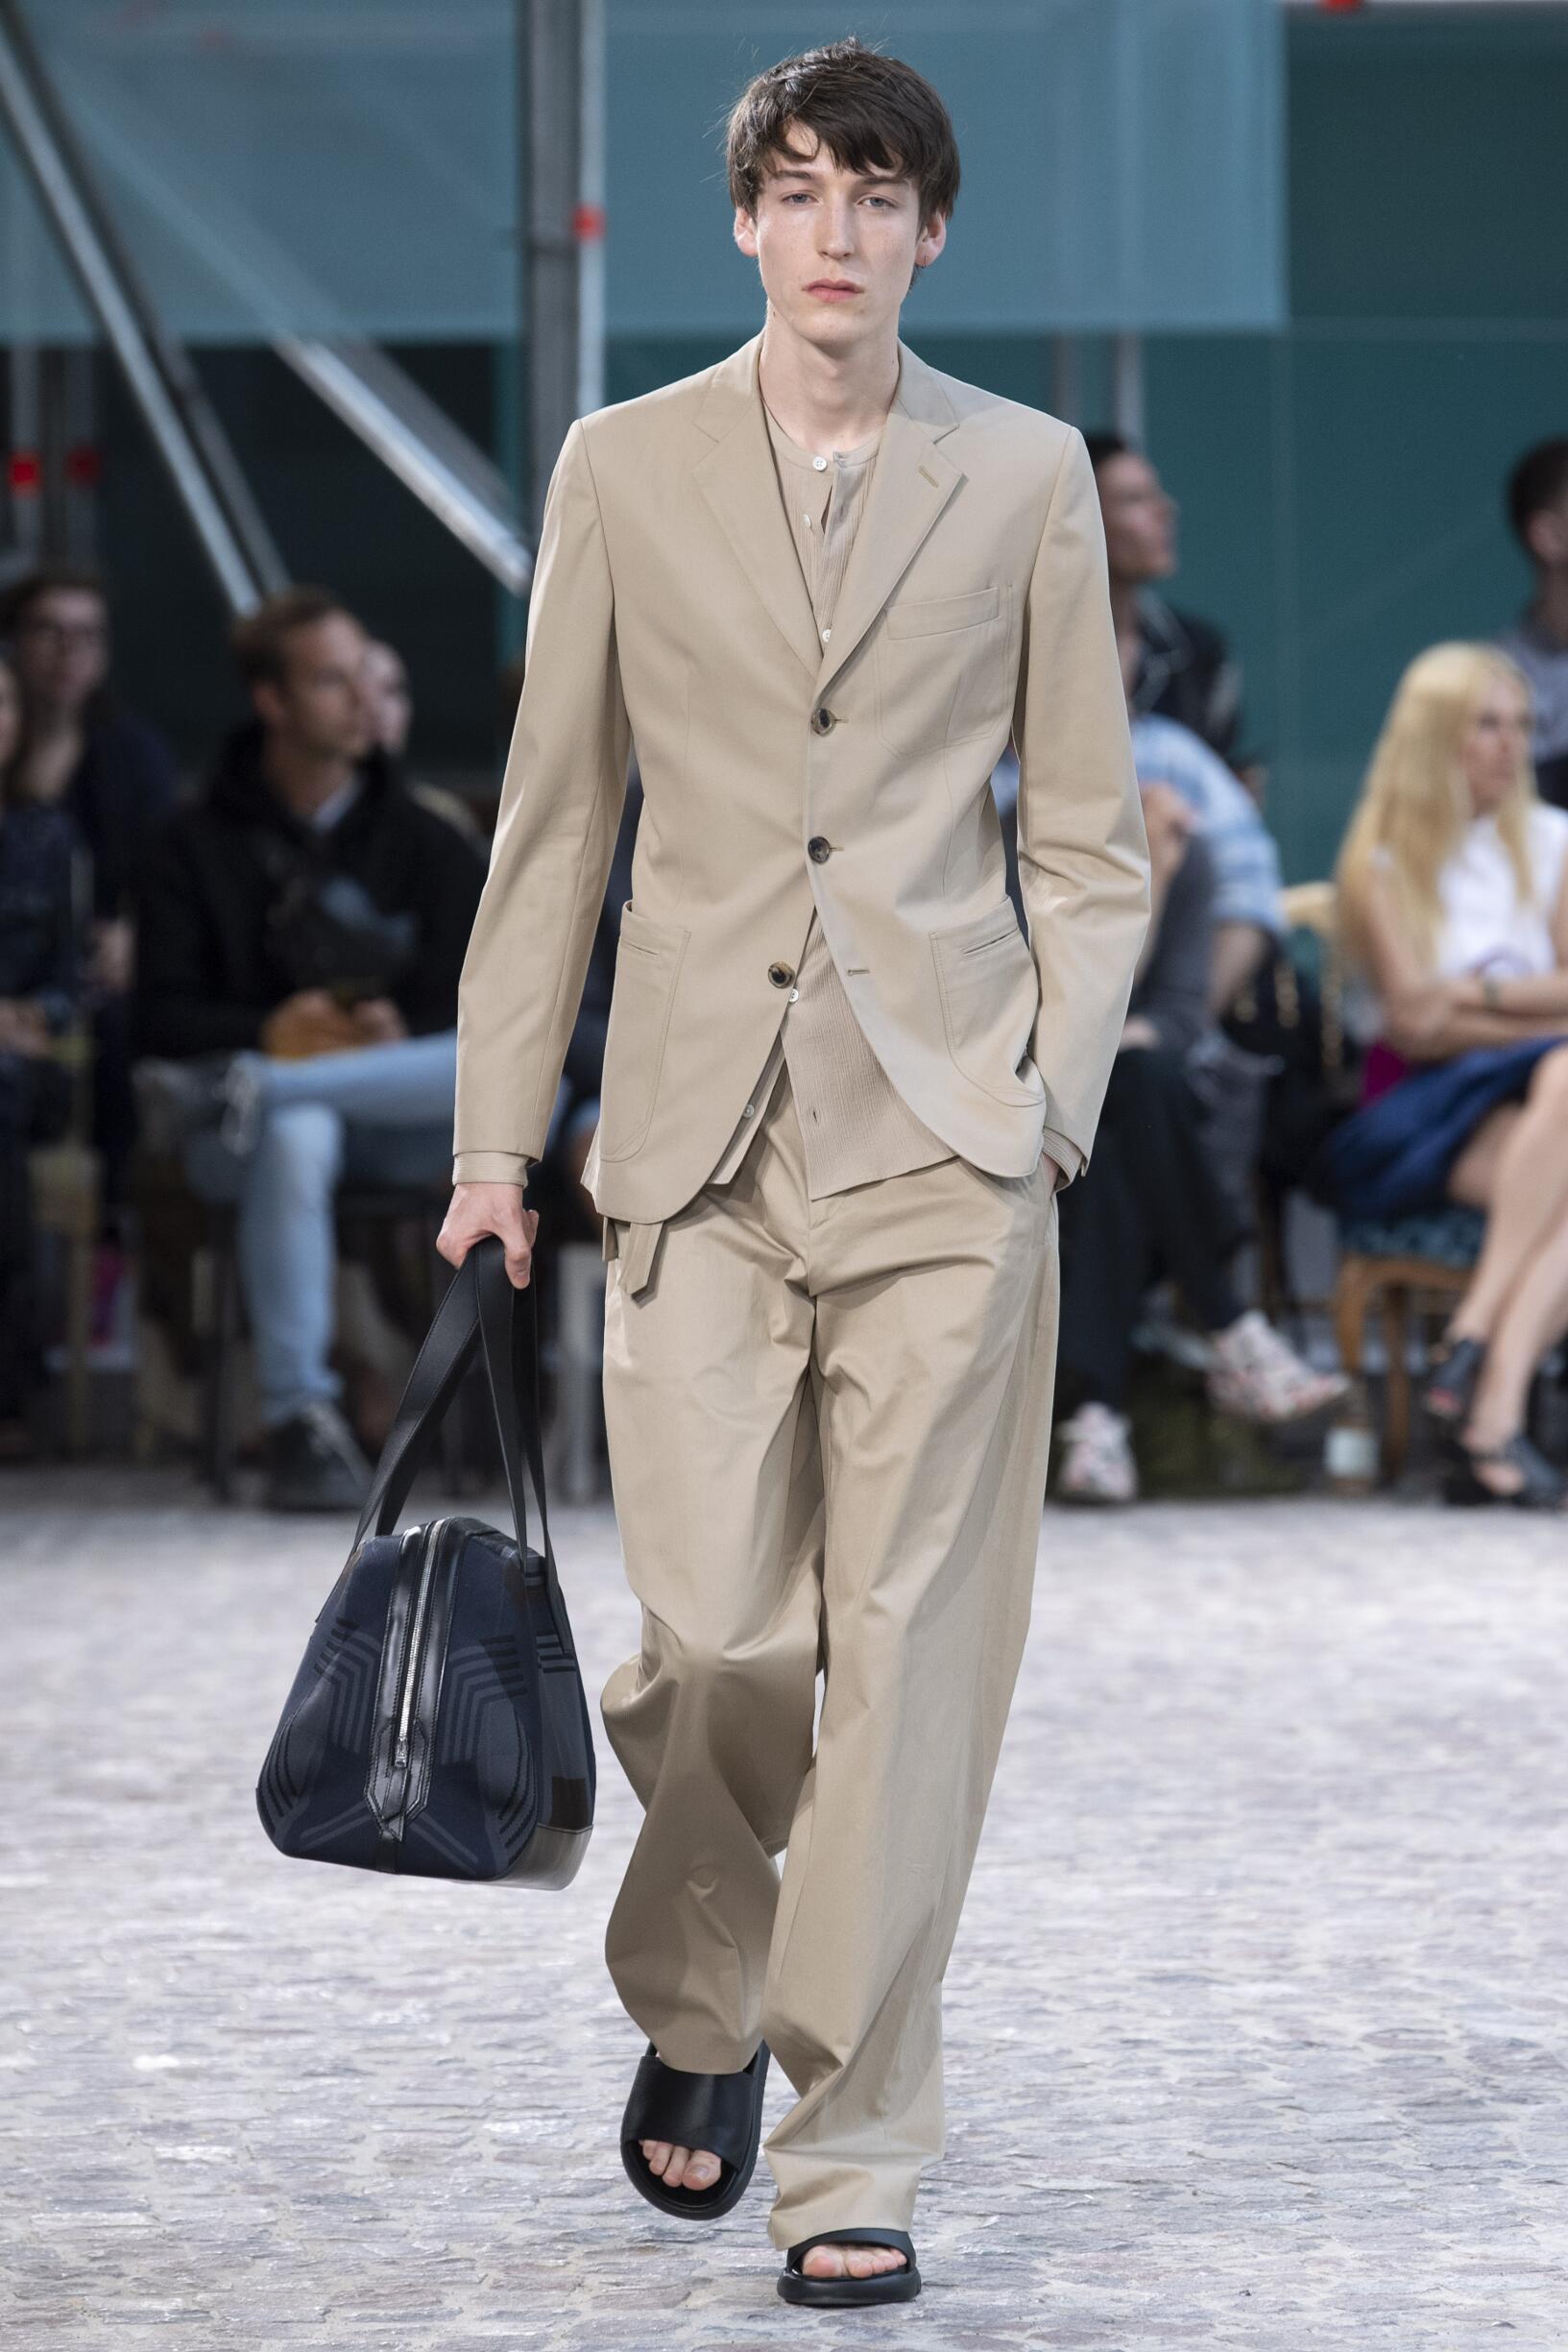 Fashion Model Man Hermès Catwalk